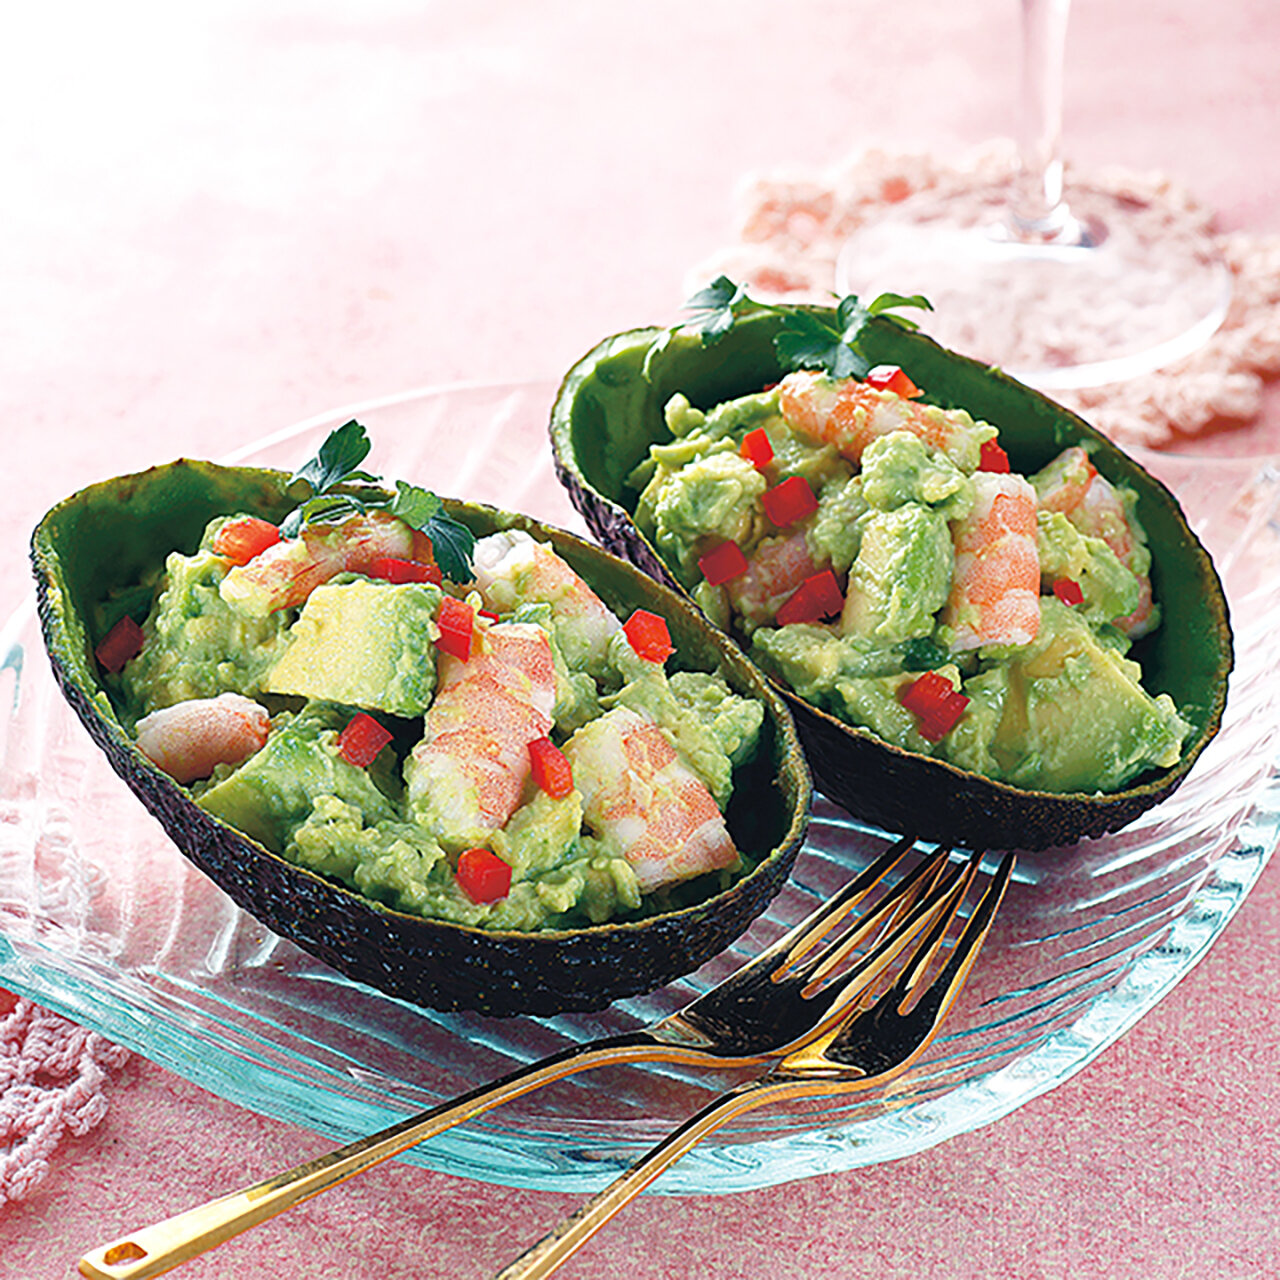 えびとアボカドのカップサラダ